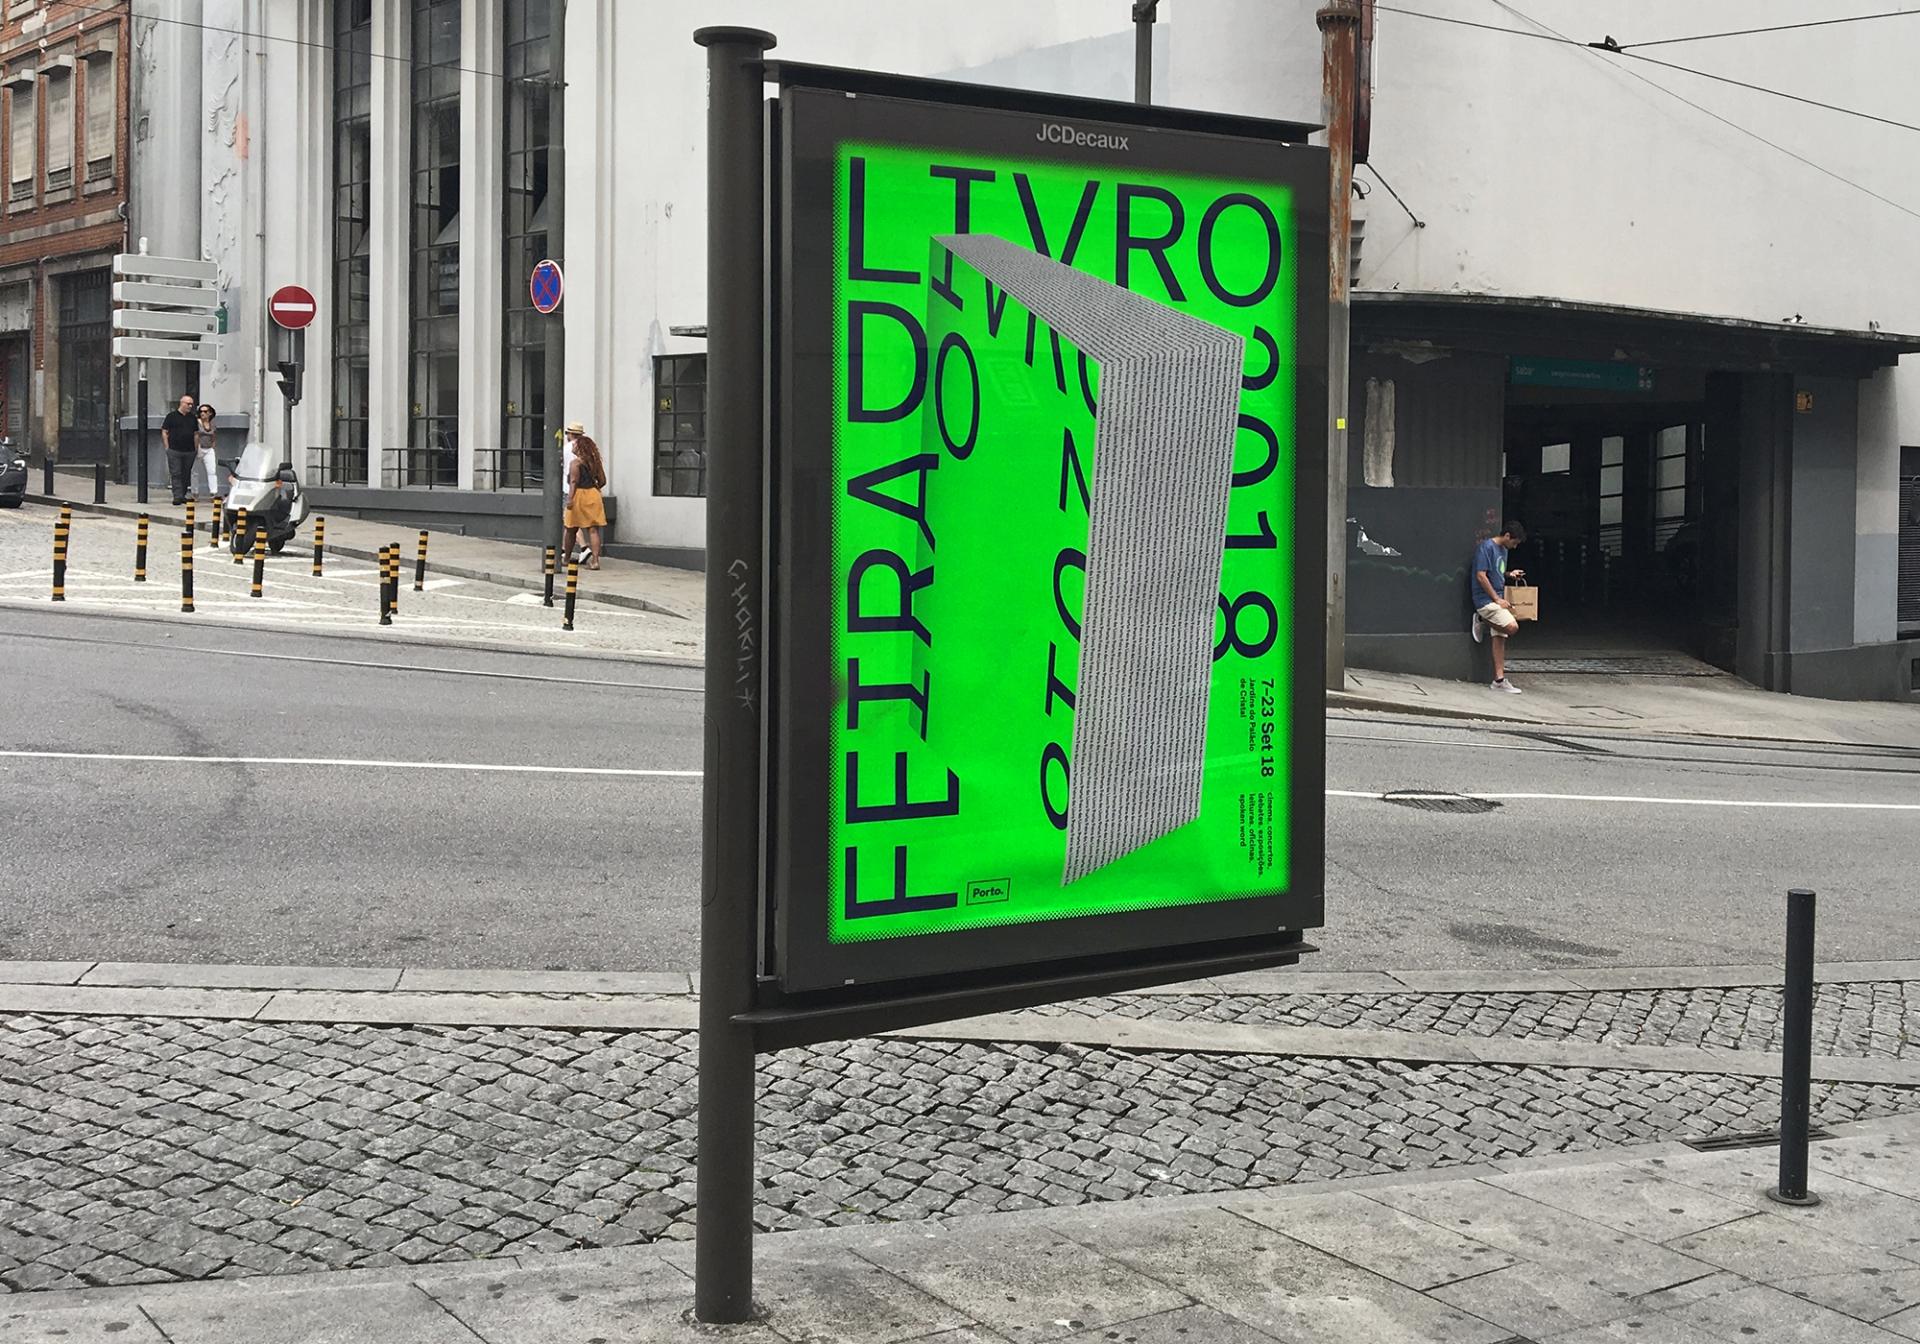 Feira do Livro Image:4 dobra-FdLivro18-06